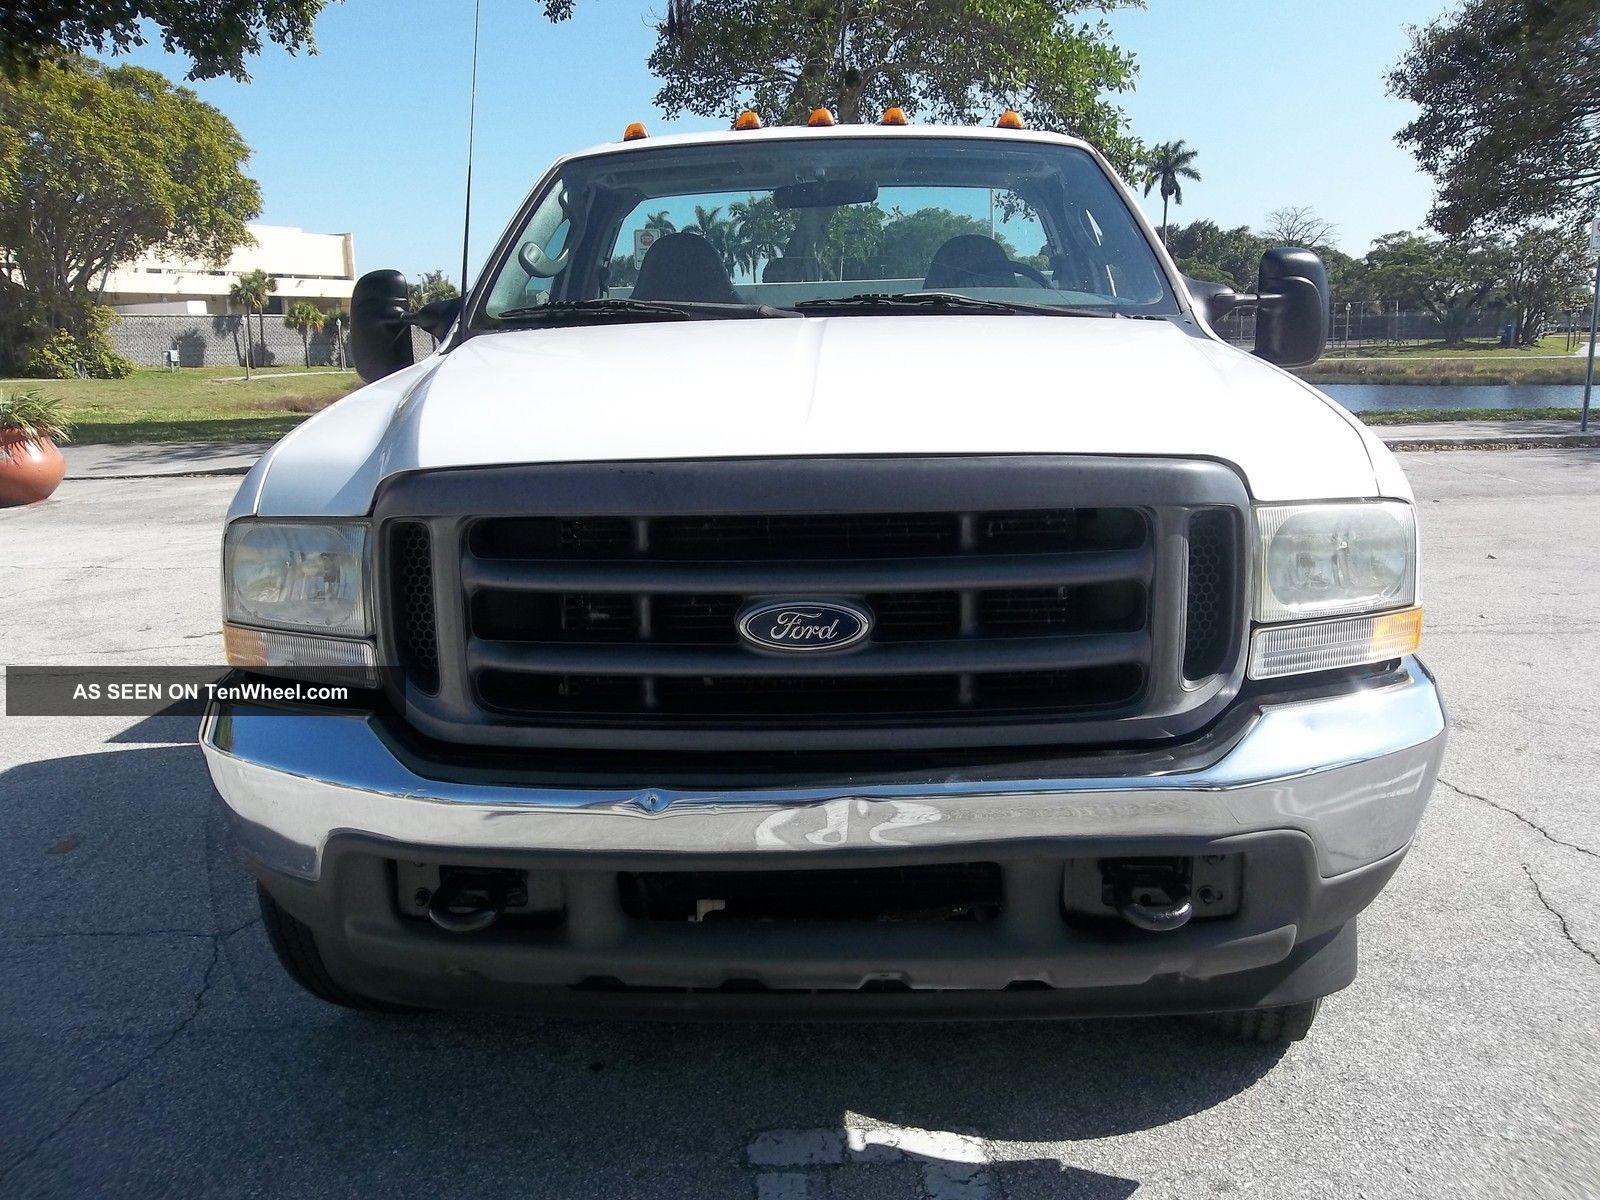 Ford 4x4 Rear : Ford f duty single rear wheel plow utility